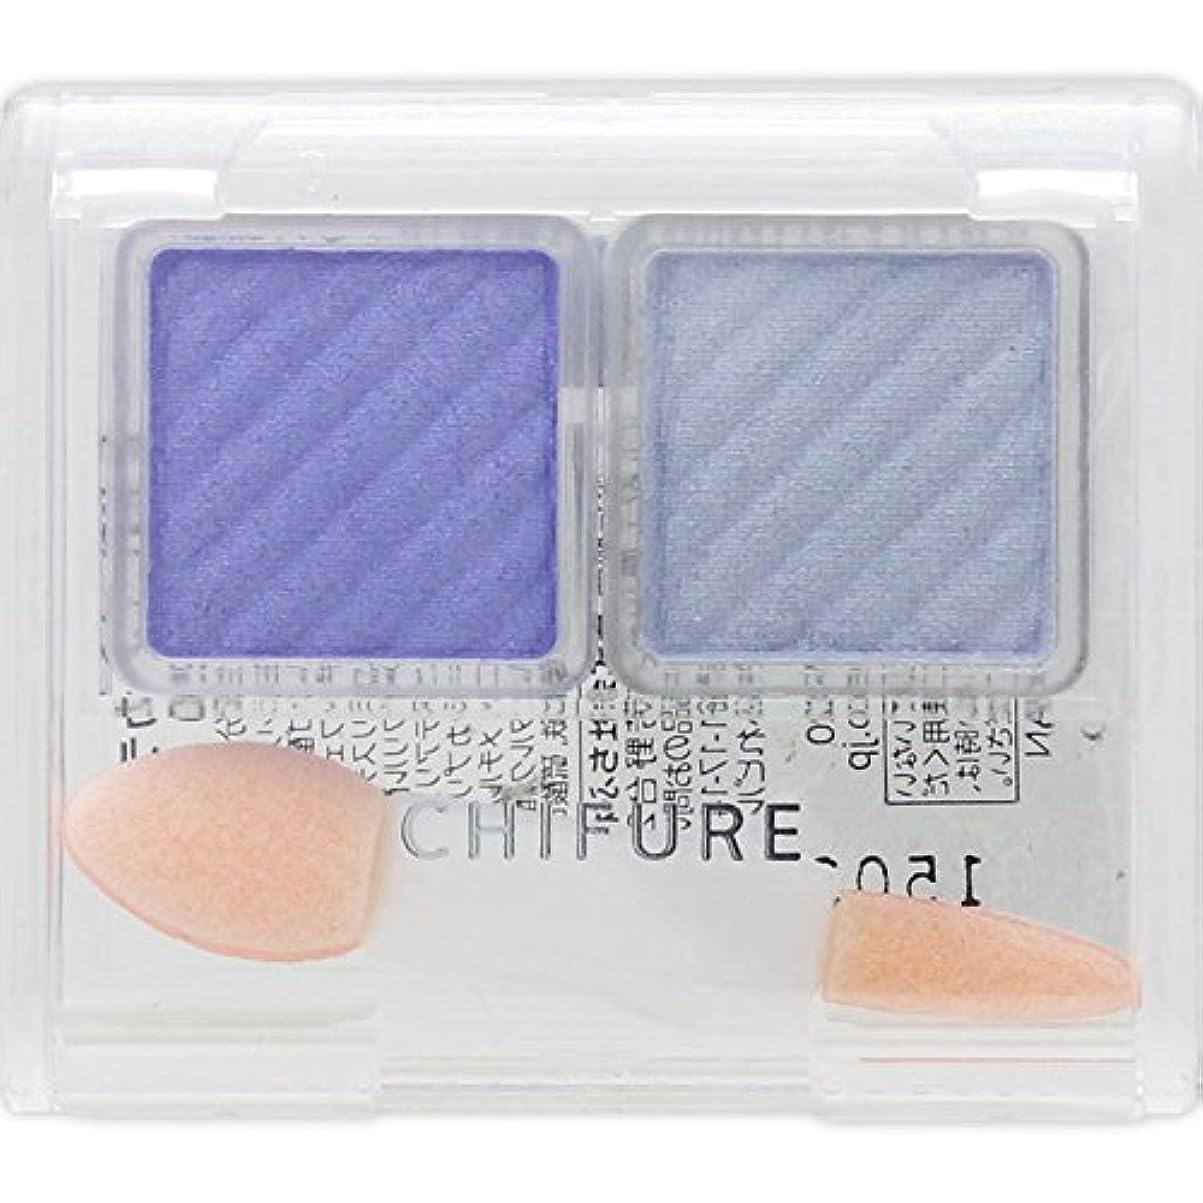 用心完全に乾く増幅器ちふれ化粧品 アイ カラー(チップ付) アクアブルー 90番